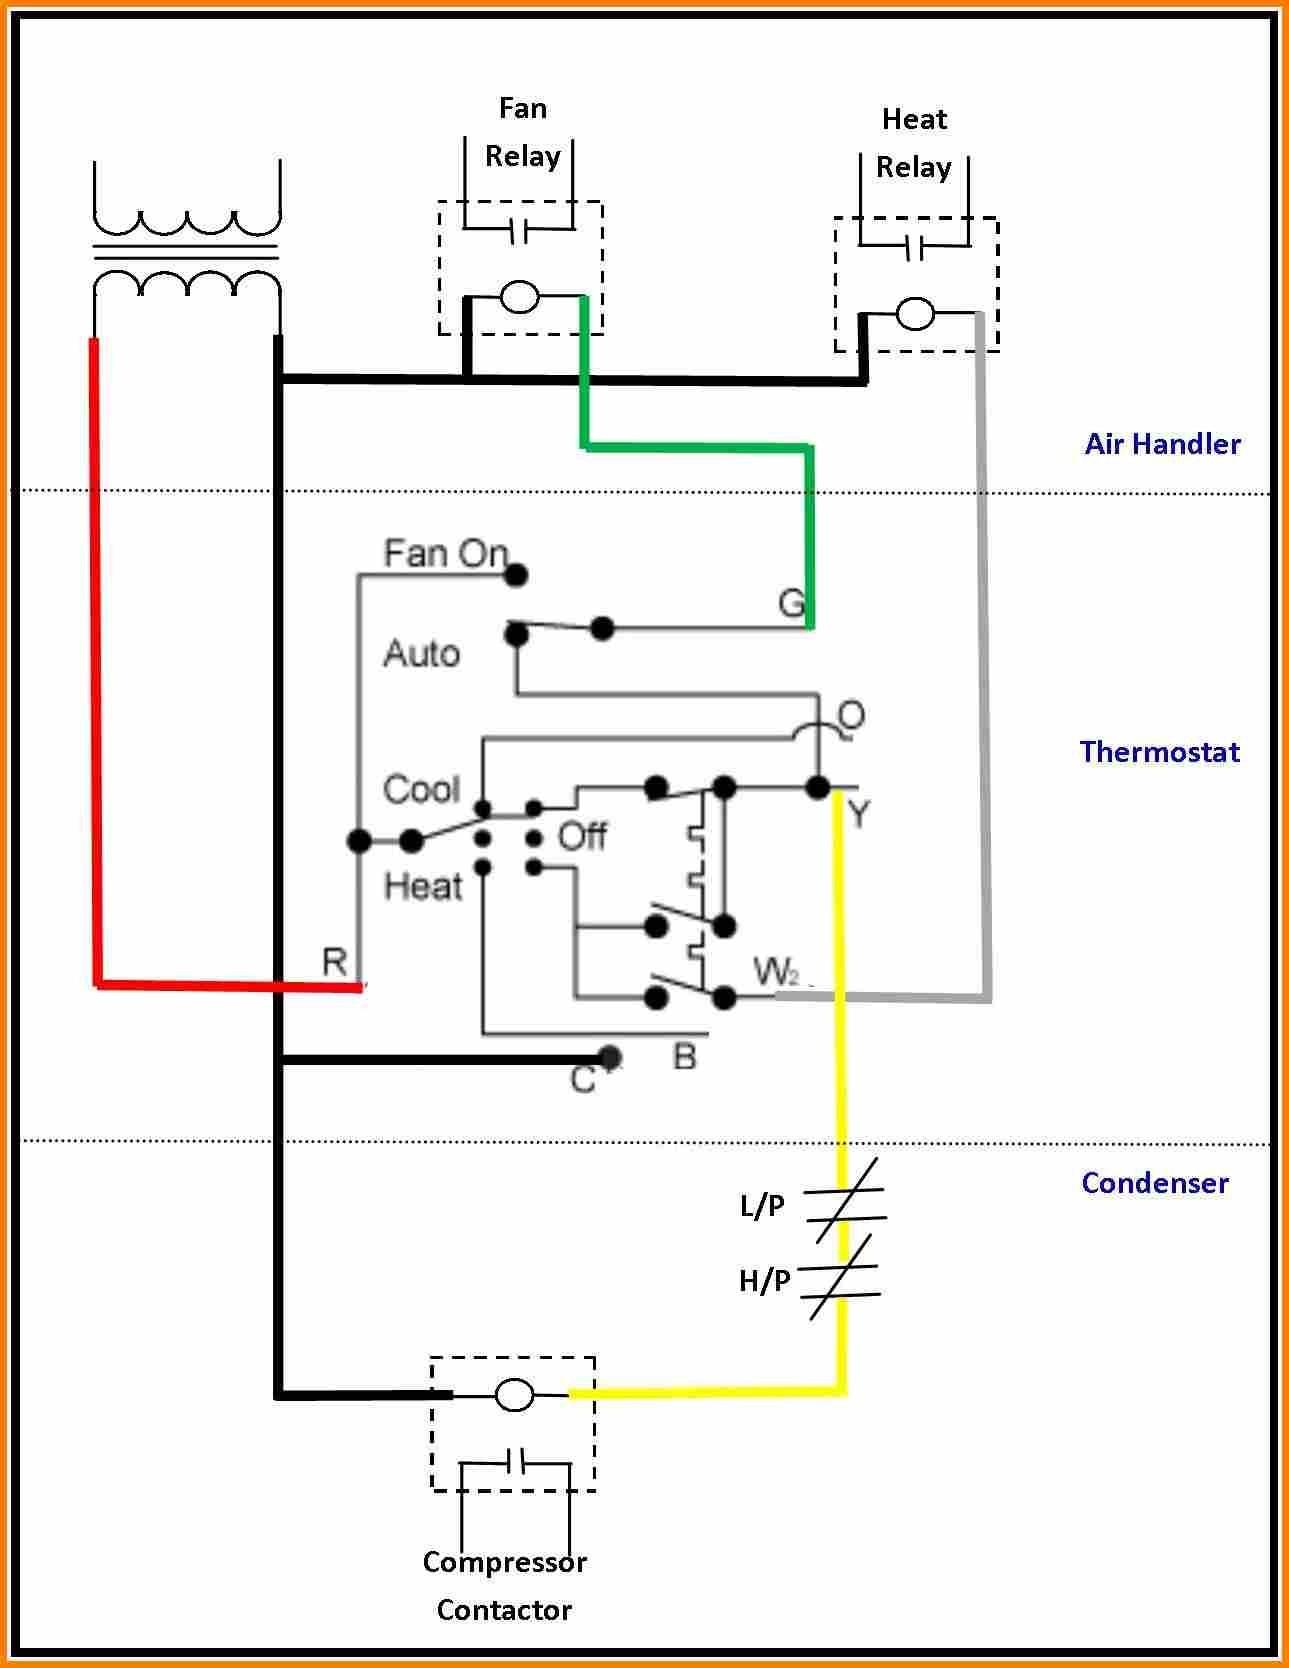 Ac Hvac Wiring Free Download Diagrams Schematics Best Diagram